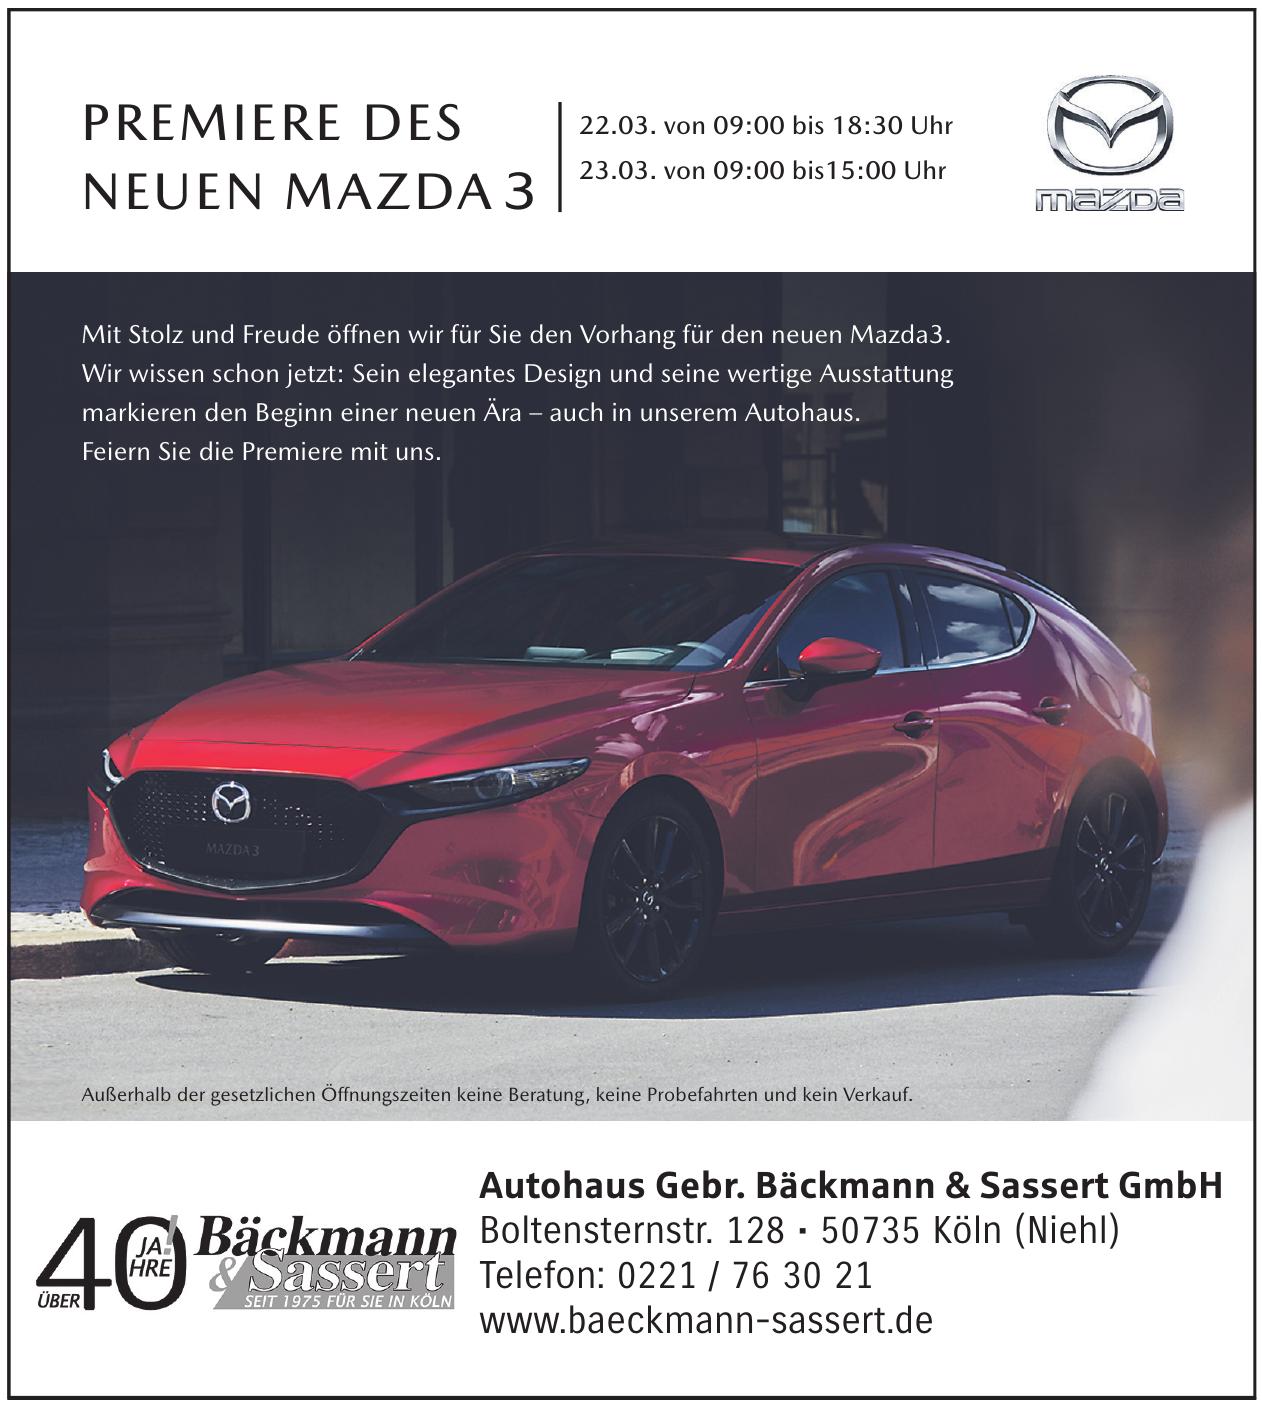 Autohaus Gebr. Bäckmann & Sassert GmbH